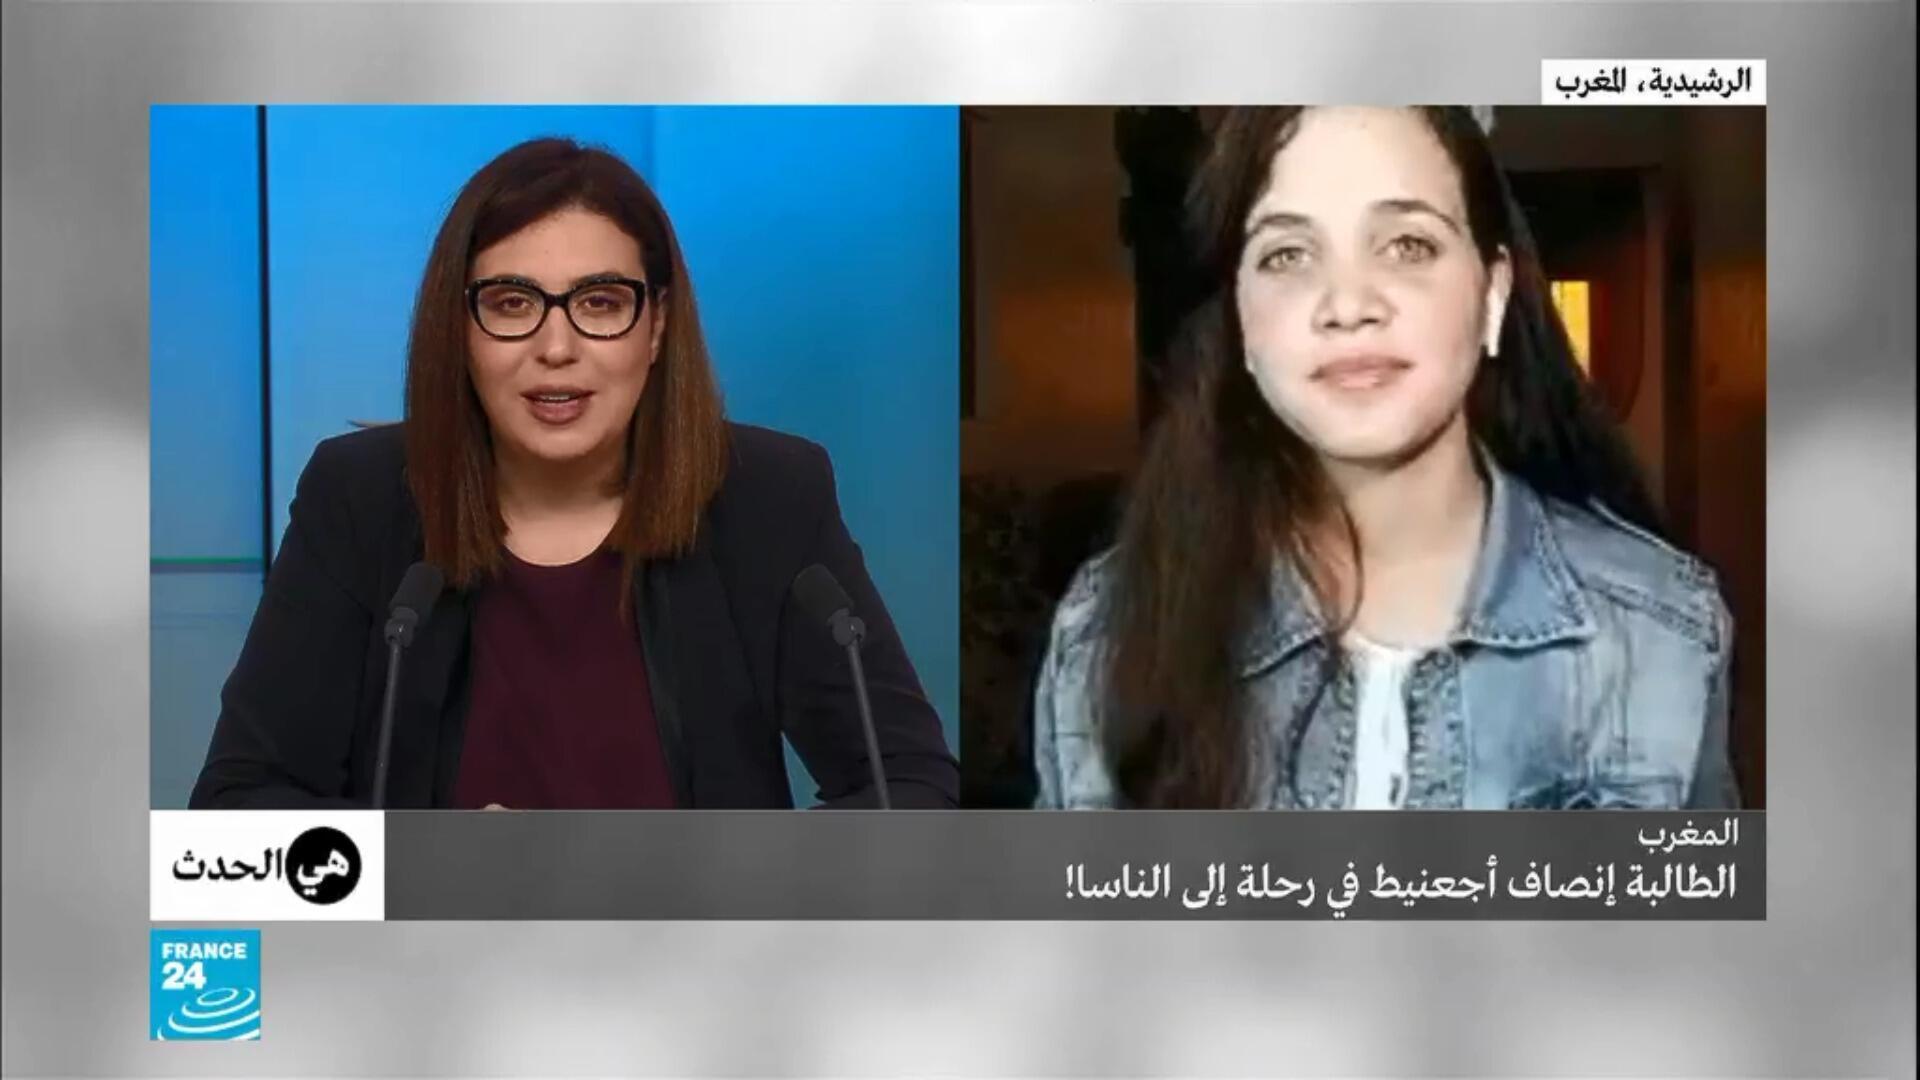 هي الحدث الطالبة المغربية المتفوقة إنصاف أجعنيط